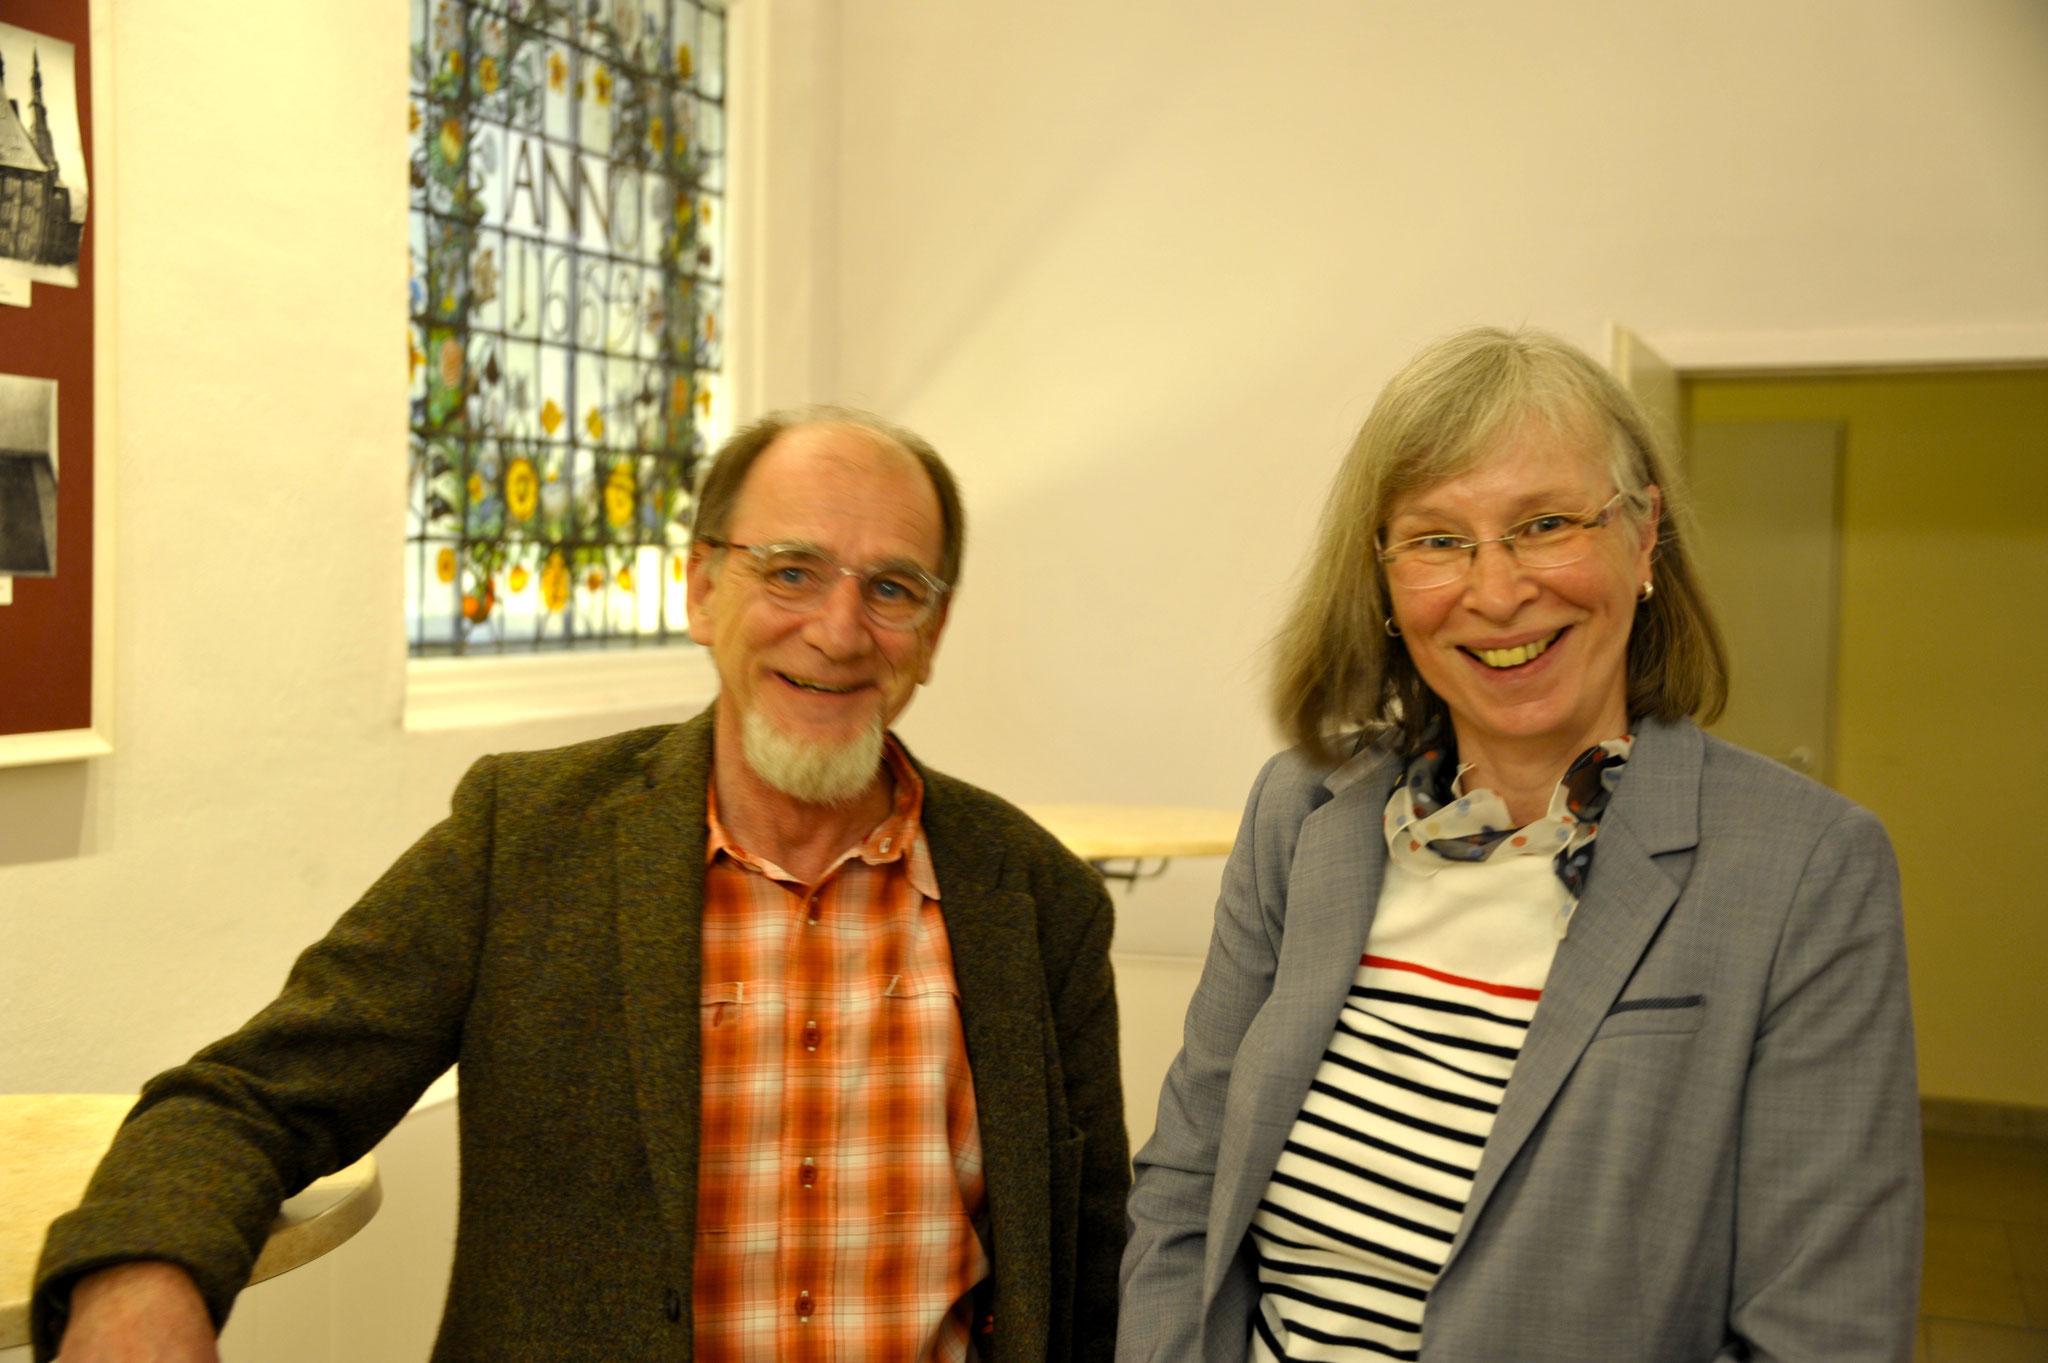 Waltraut Arndt und Bernhard Willeke von der Neue Arbeit Hannover